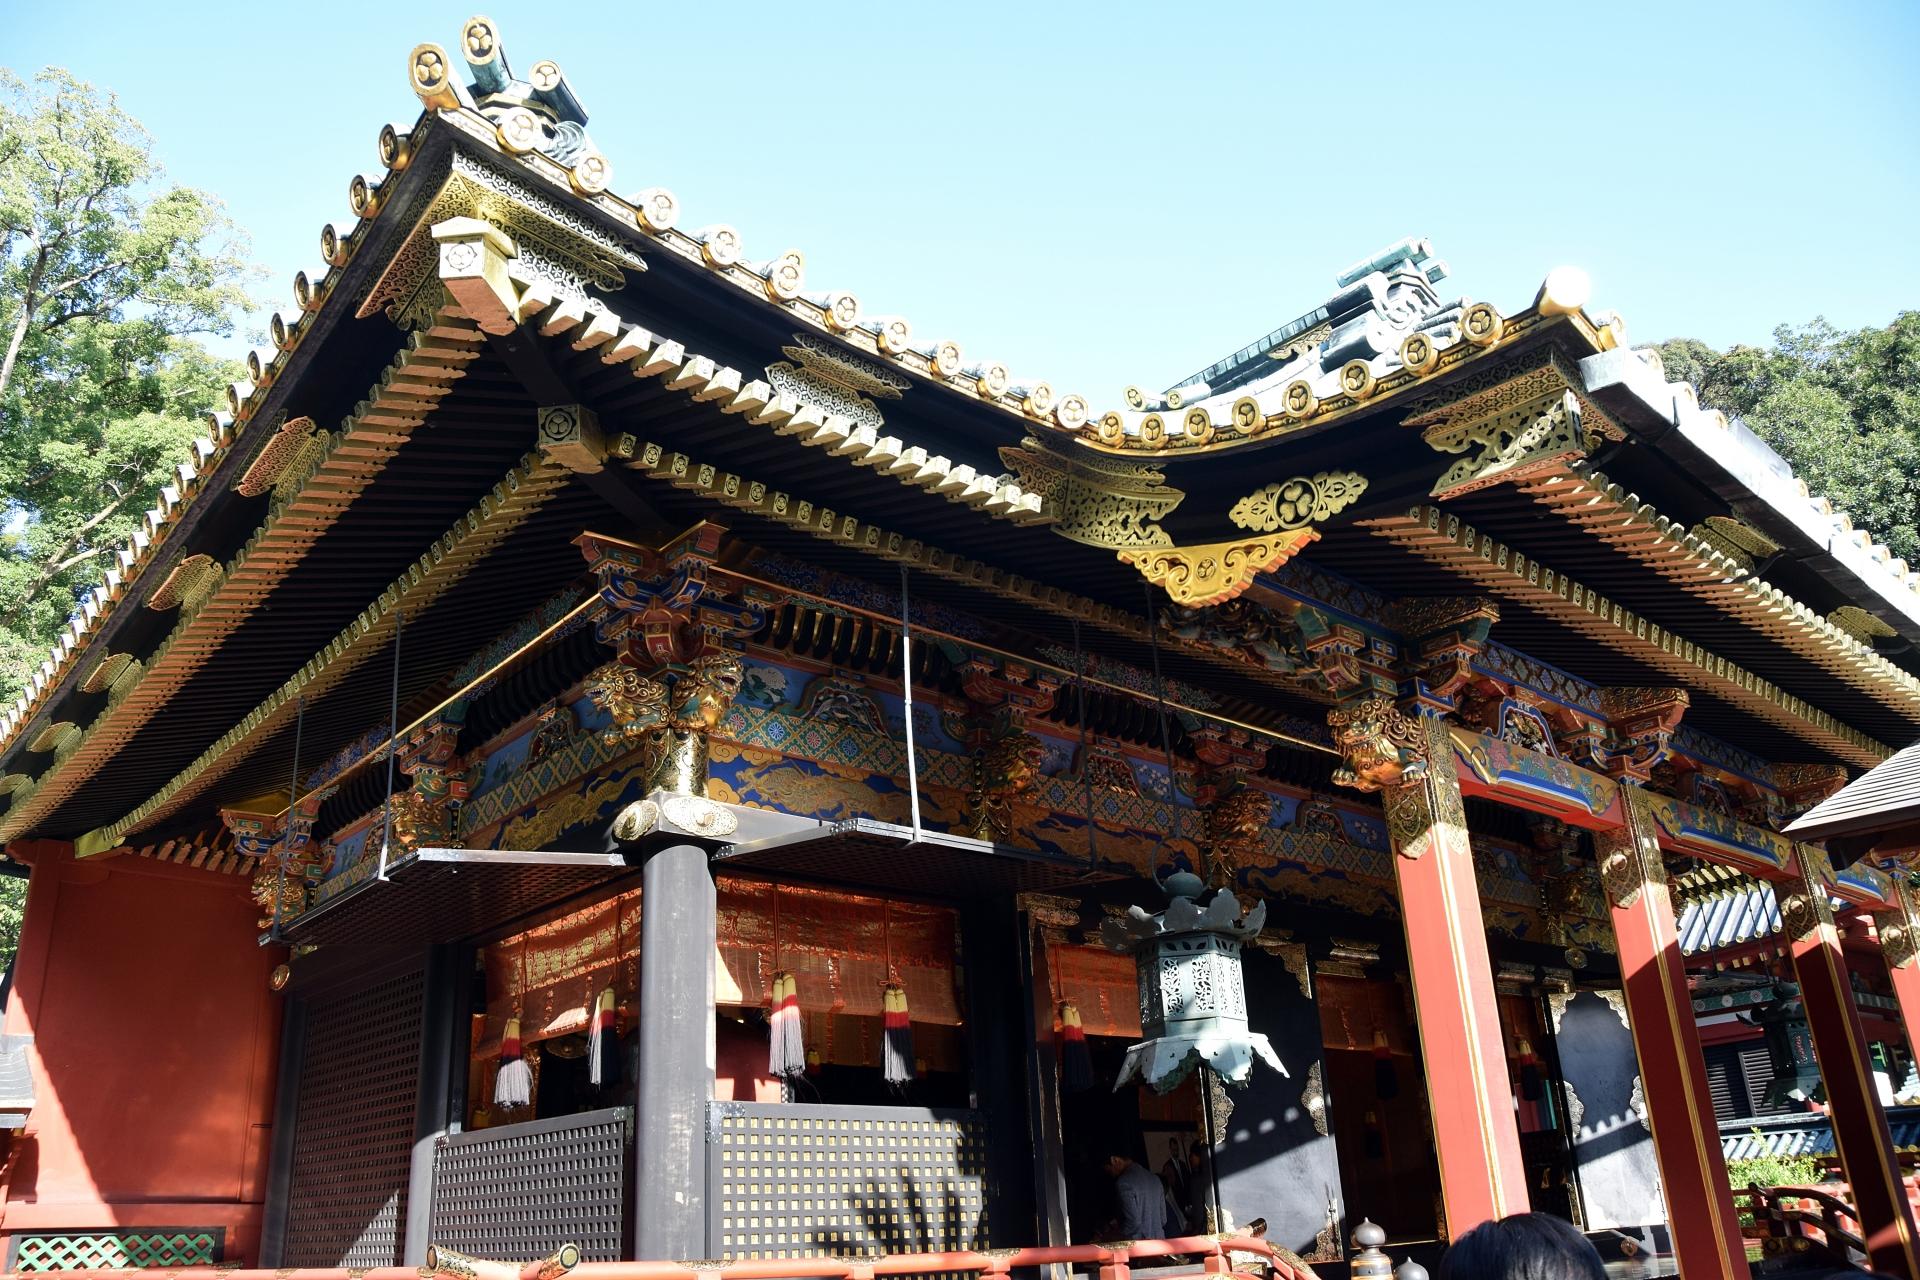 久能山東照宮は静岡の人気パワースポット!見どころや御朱印を紹介!